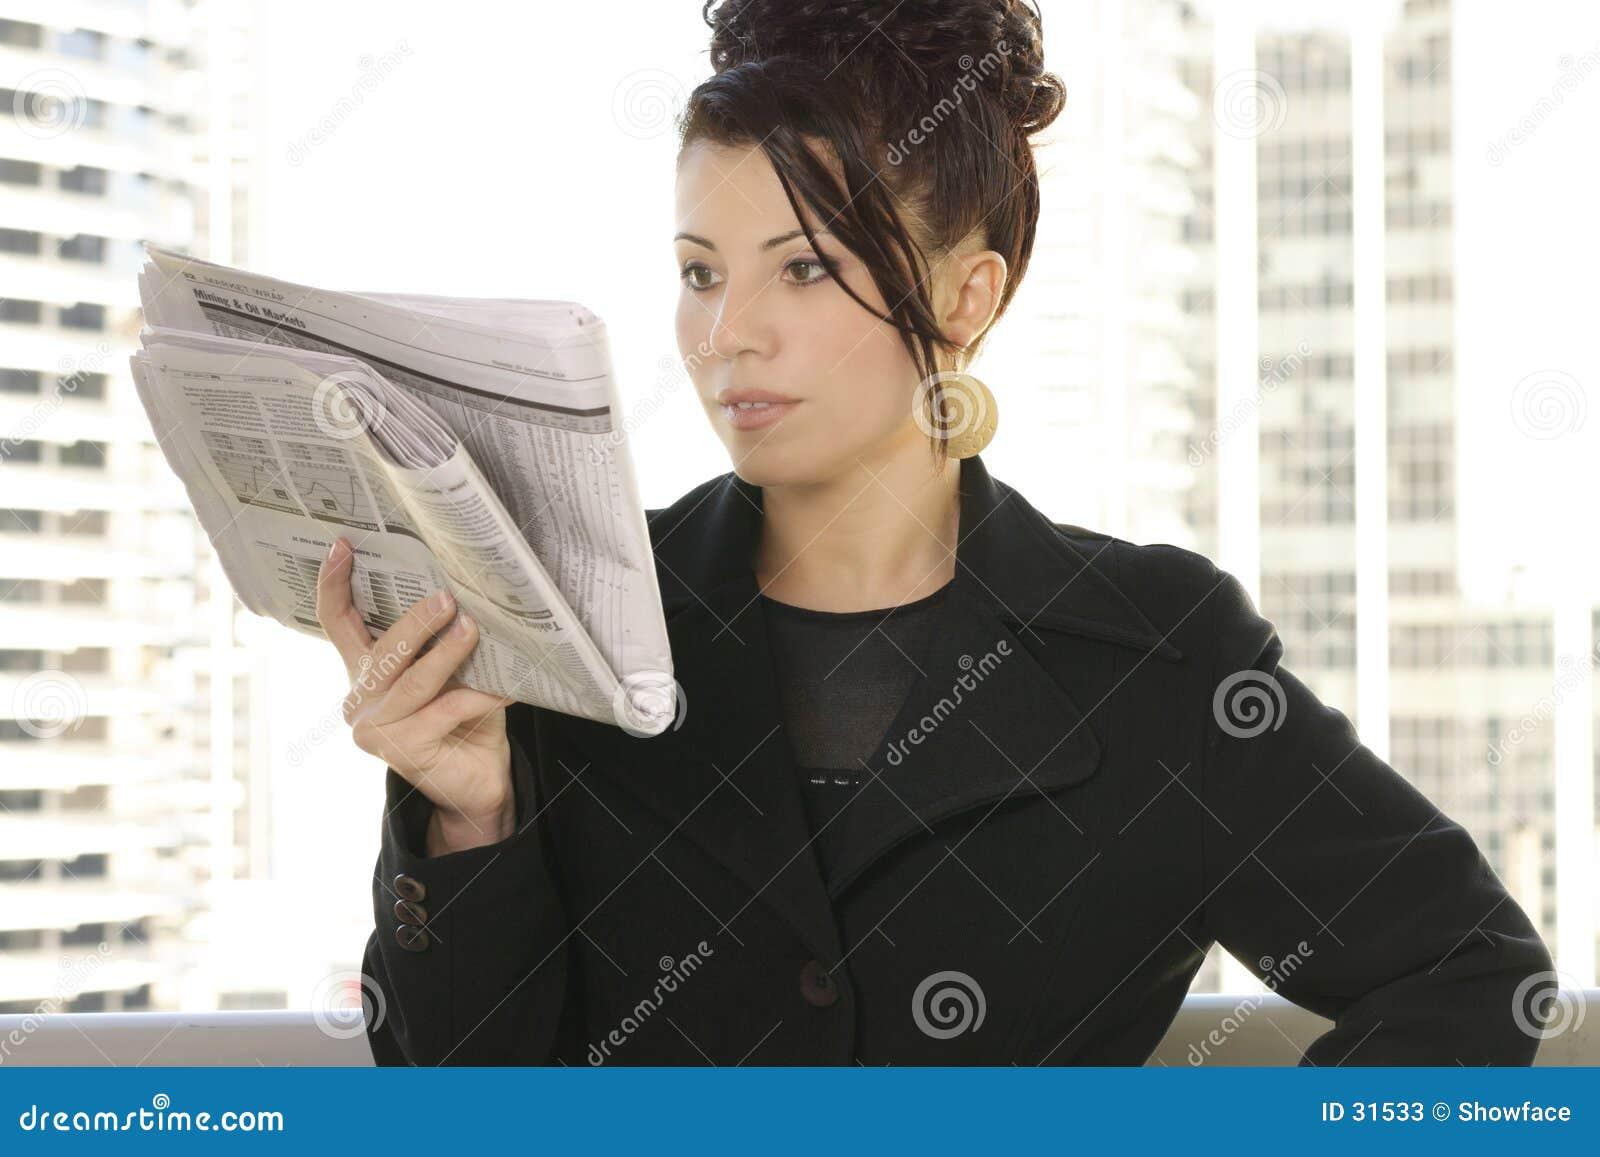 Noticias y finanzas diarias